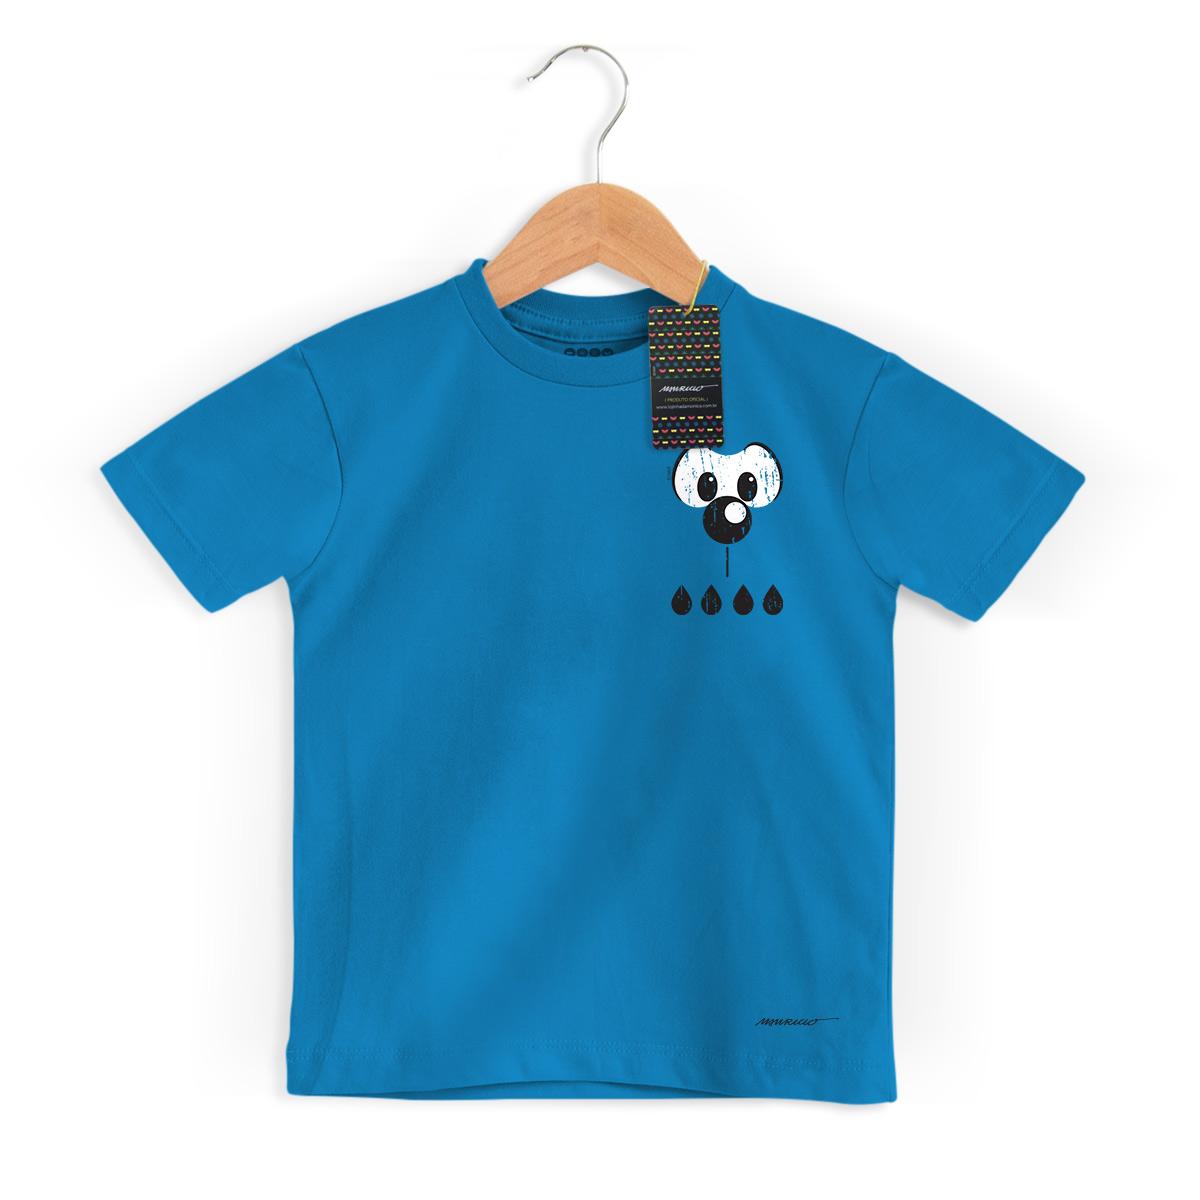 Camiseta Infantil Turma da Mônica Cool Olhões Bidu